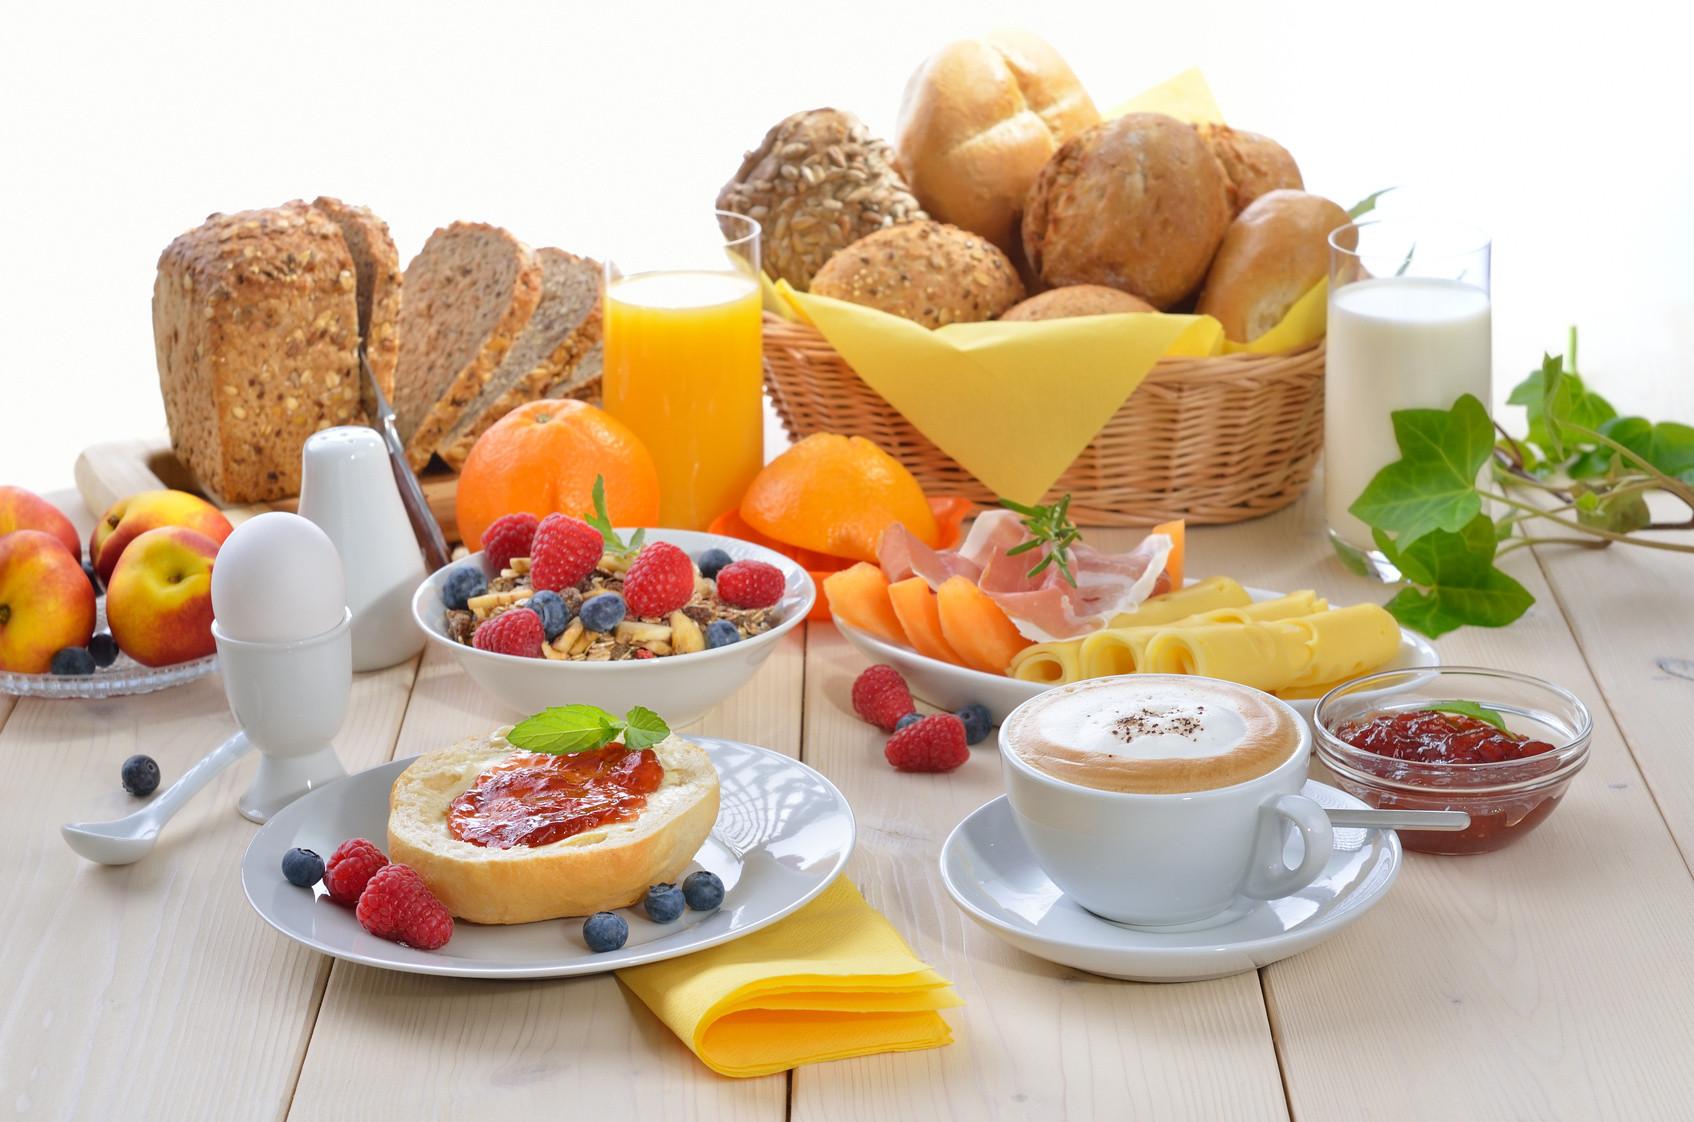 Healthy Eating Breakfast  Top 20 Healthy Breakfast Ideas For Winter eBlogfa